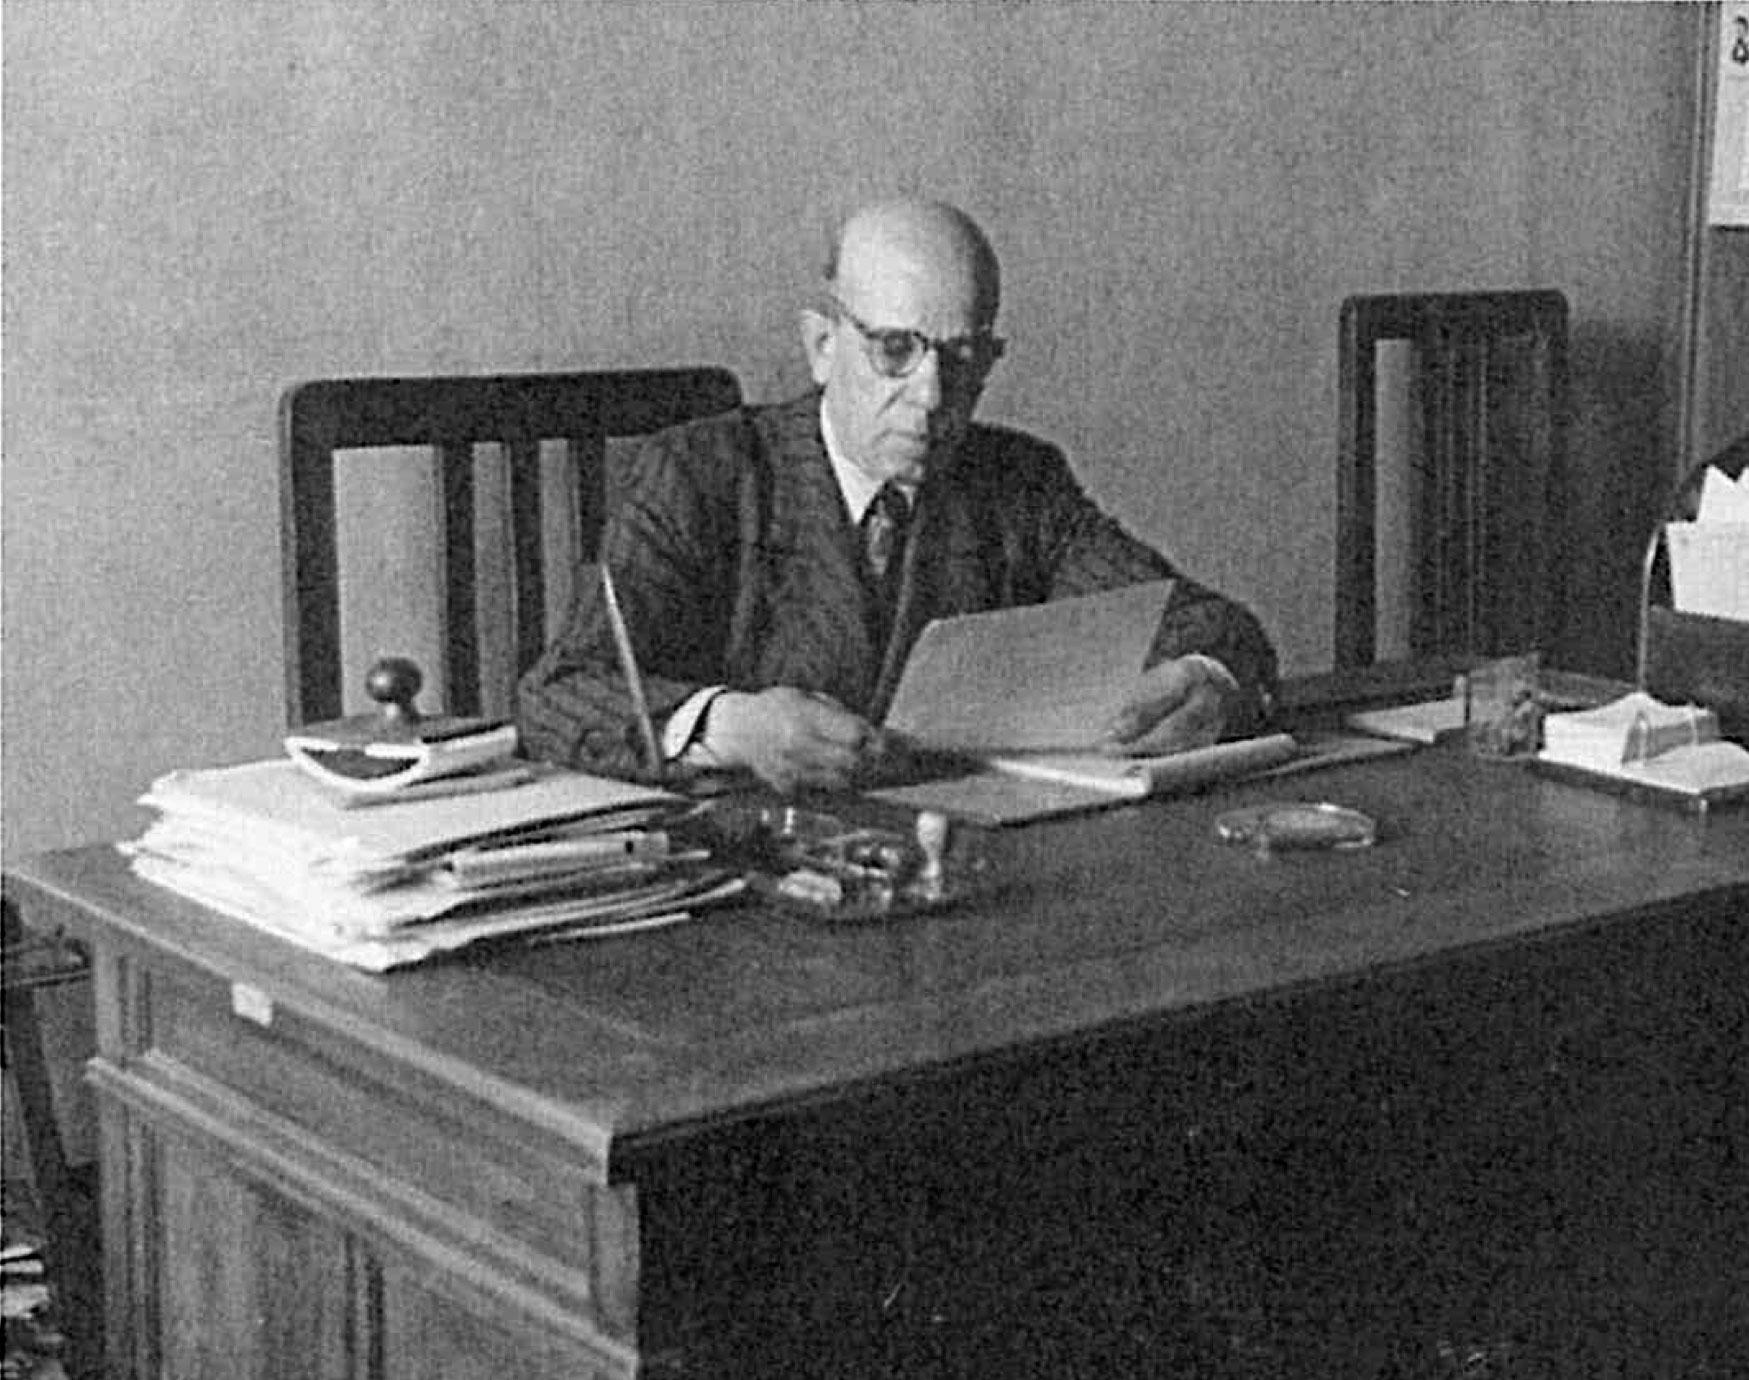 """Luigi Casini, il sindaco socialista """"uomo del popolo tra il popolo"""" che portò l'acqua a Fiesole e guidò il dopoguerra"""